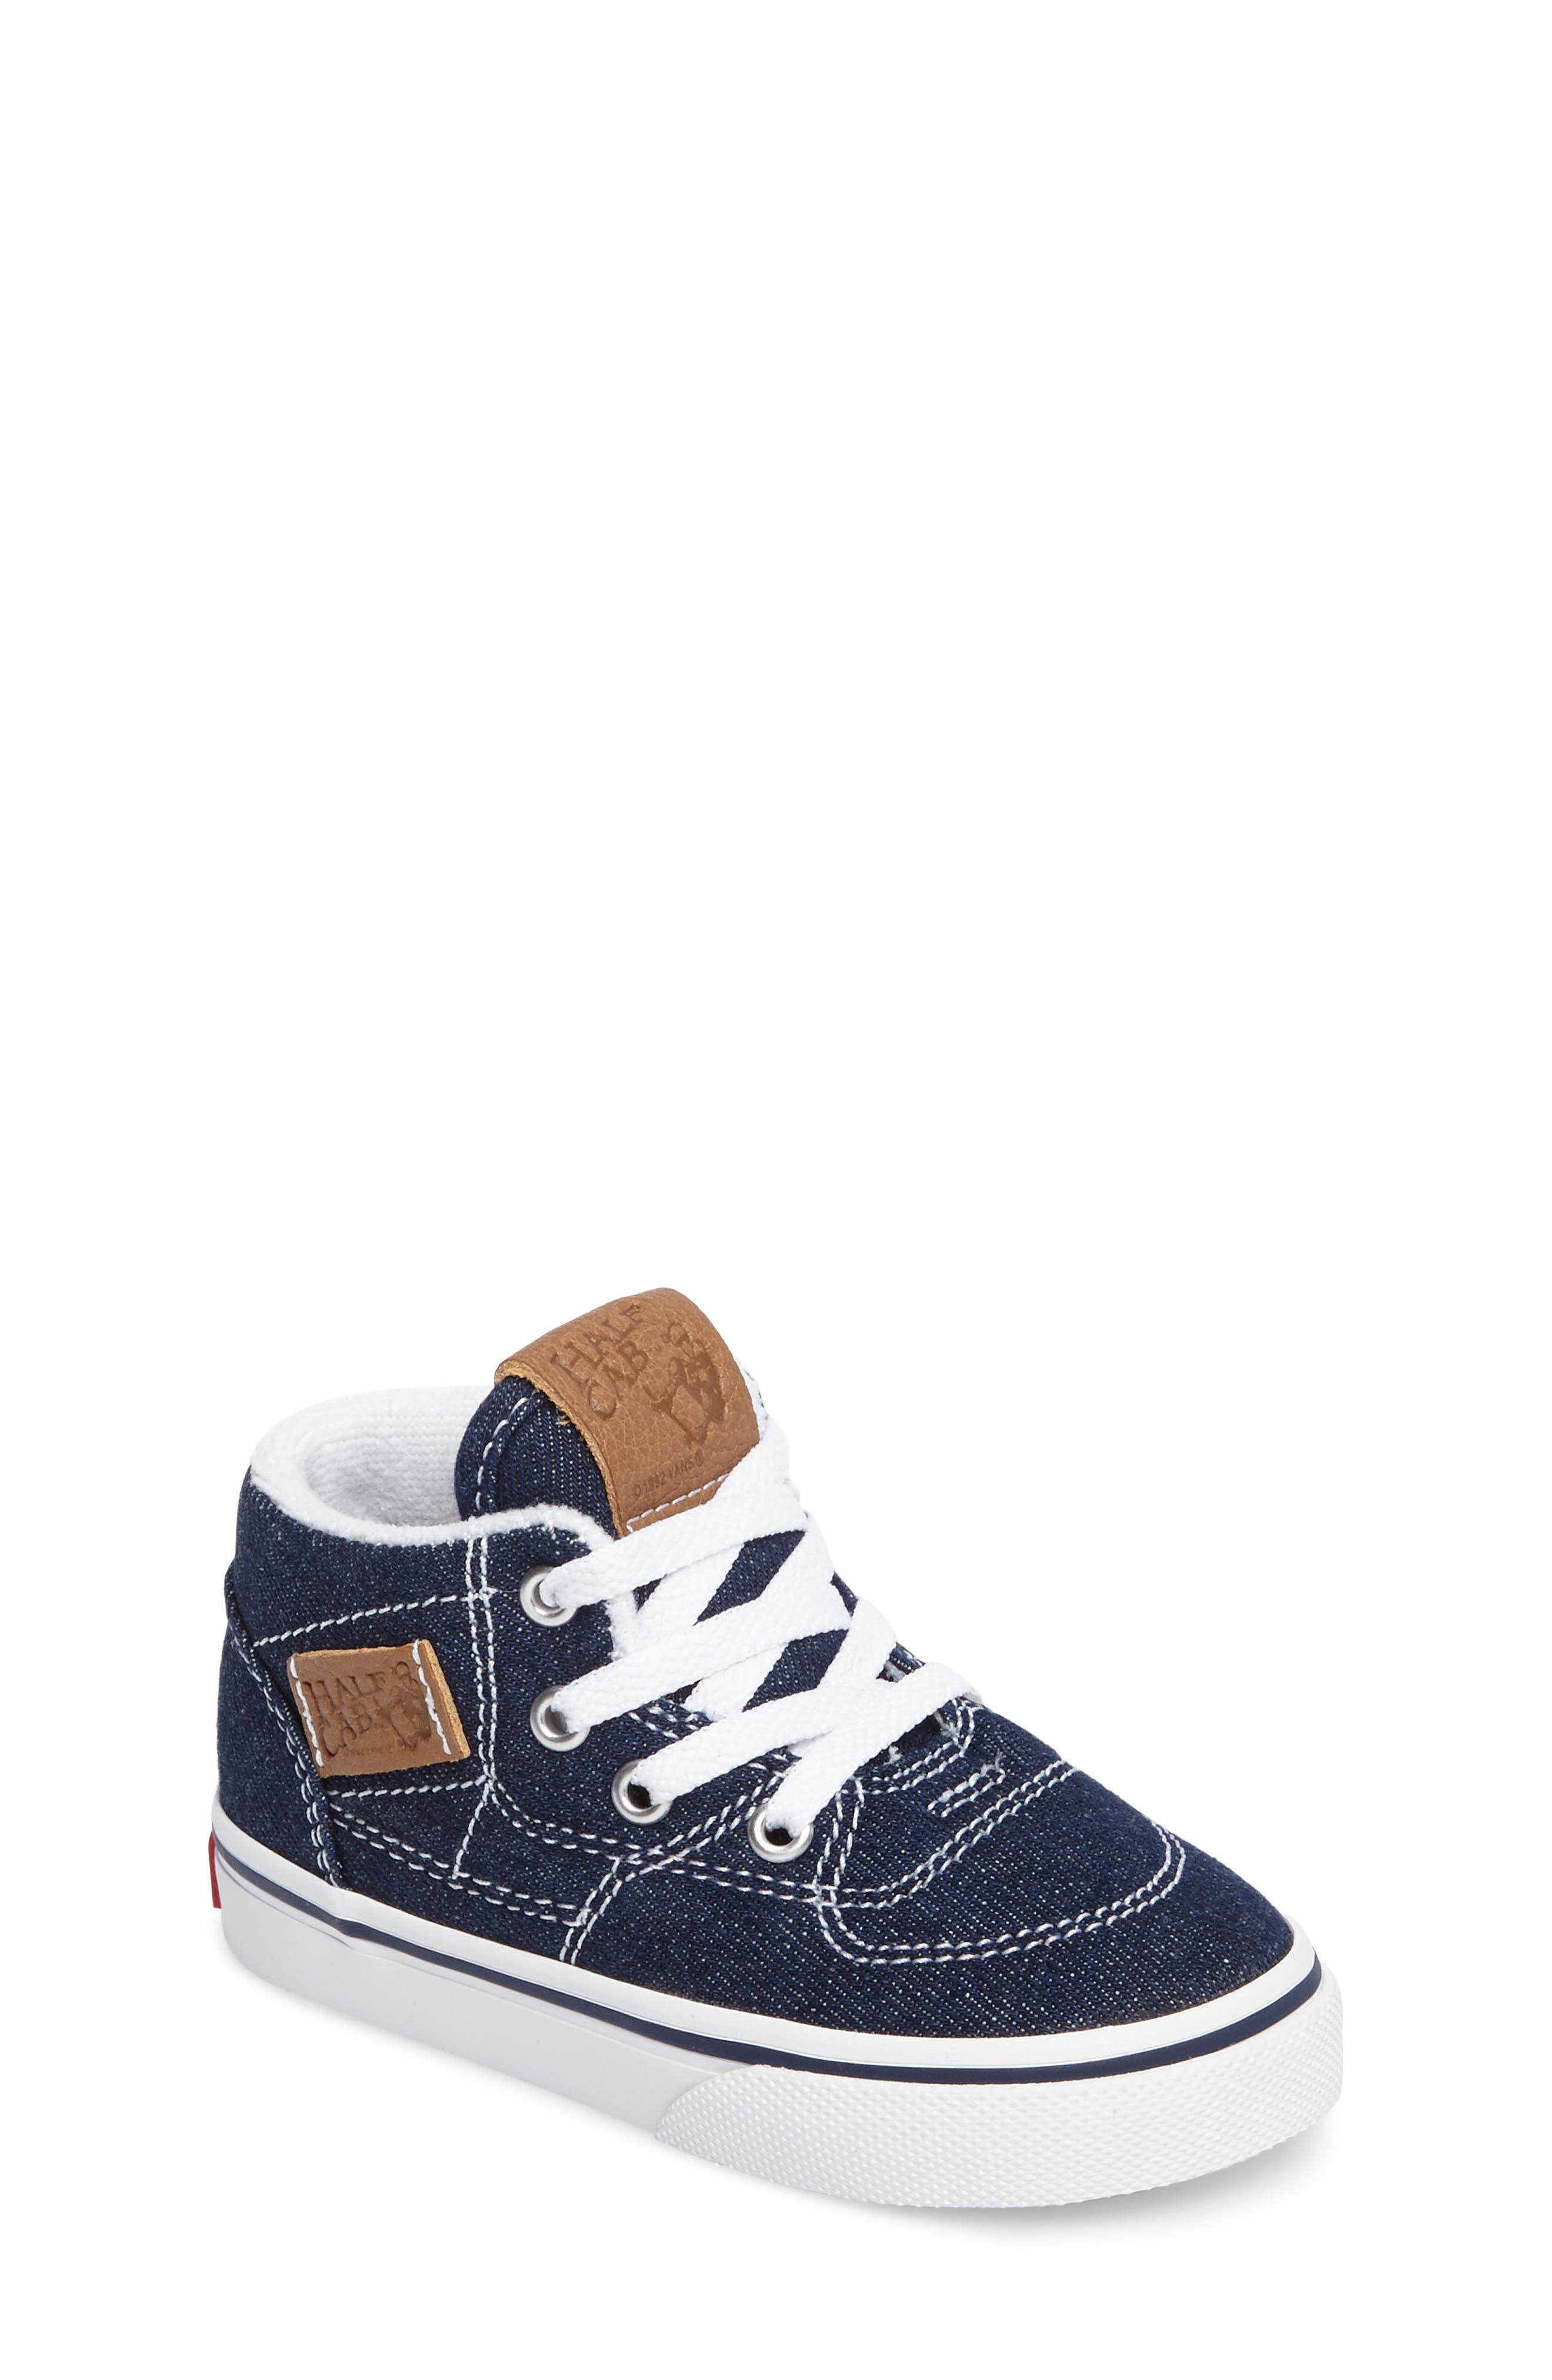 Alternate Image 1 Selected - Vans Half Cab Sneaker (Baby, Walker & Toddler)